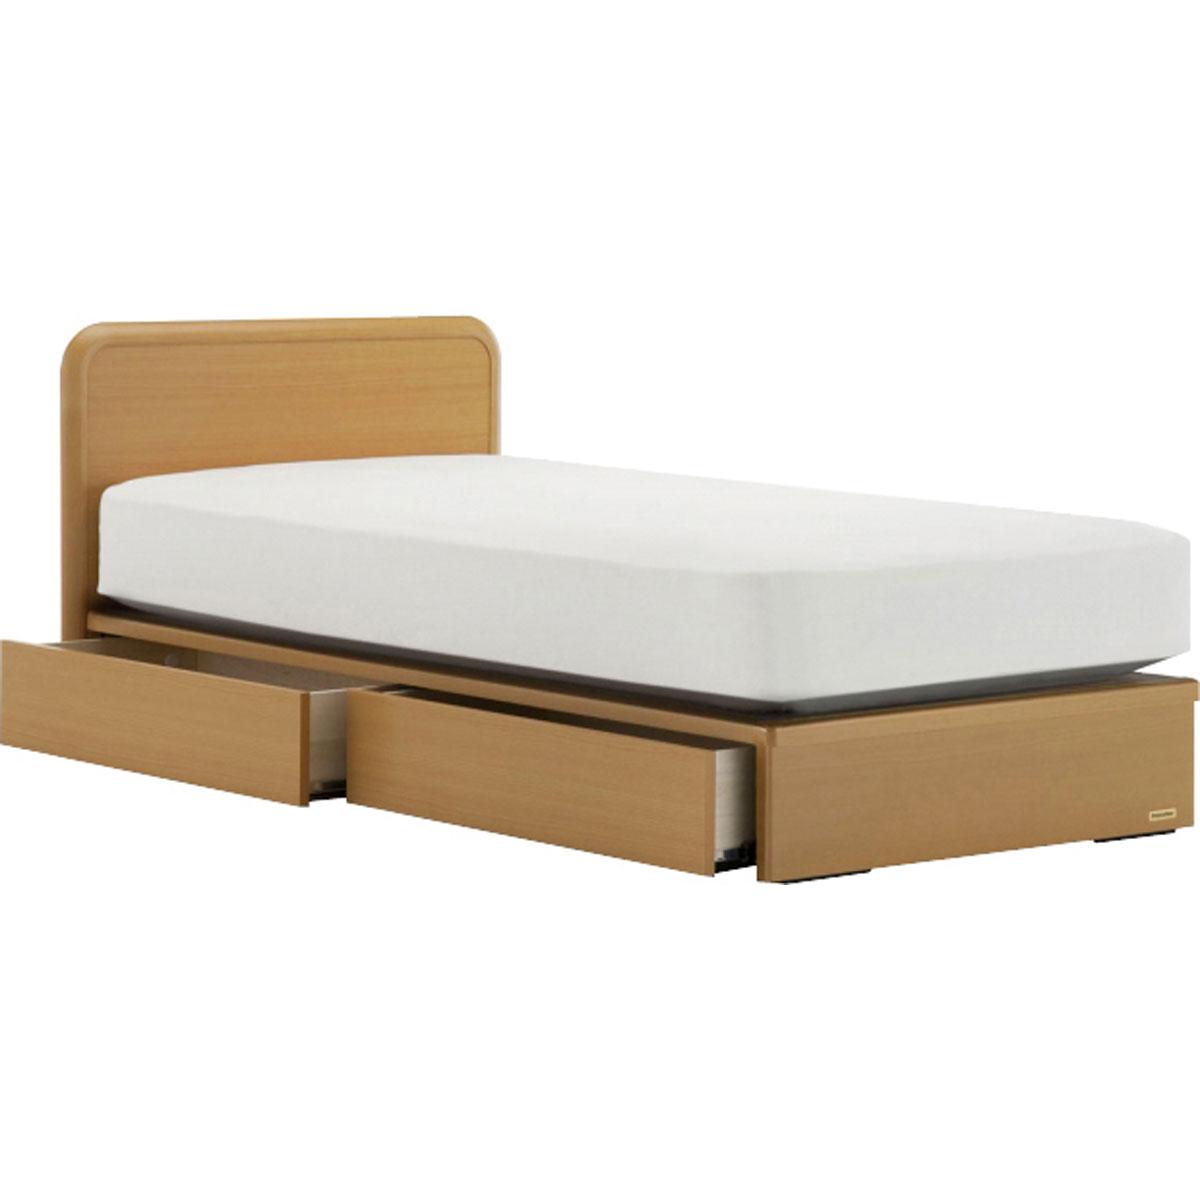 【本州四国は開梱設置*組立別途】 フランスベッド 引き出し付き ベッドフレーム ビーチ色 シングルサイズ スノコ床板 【5梱包】 RD-L202F S-DR-BCH-SUN